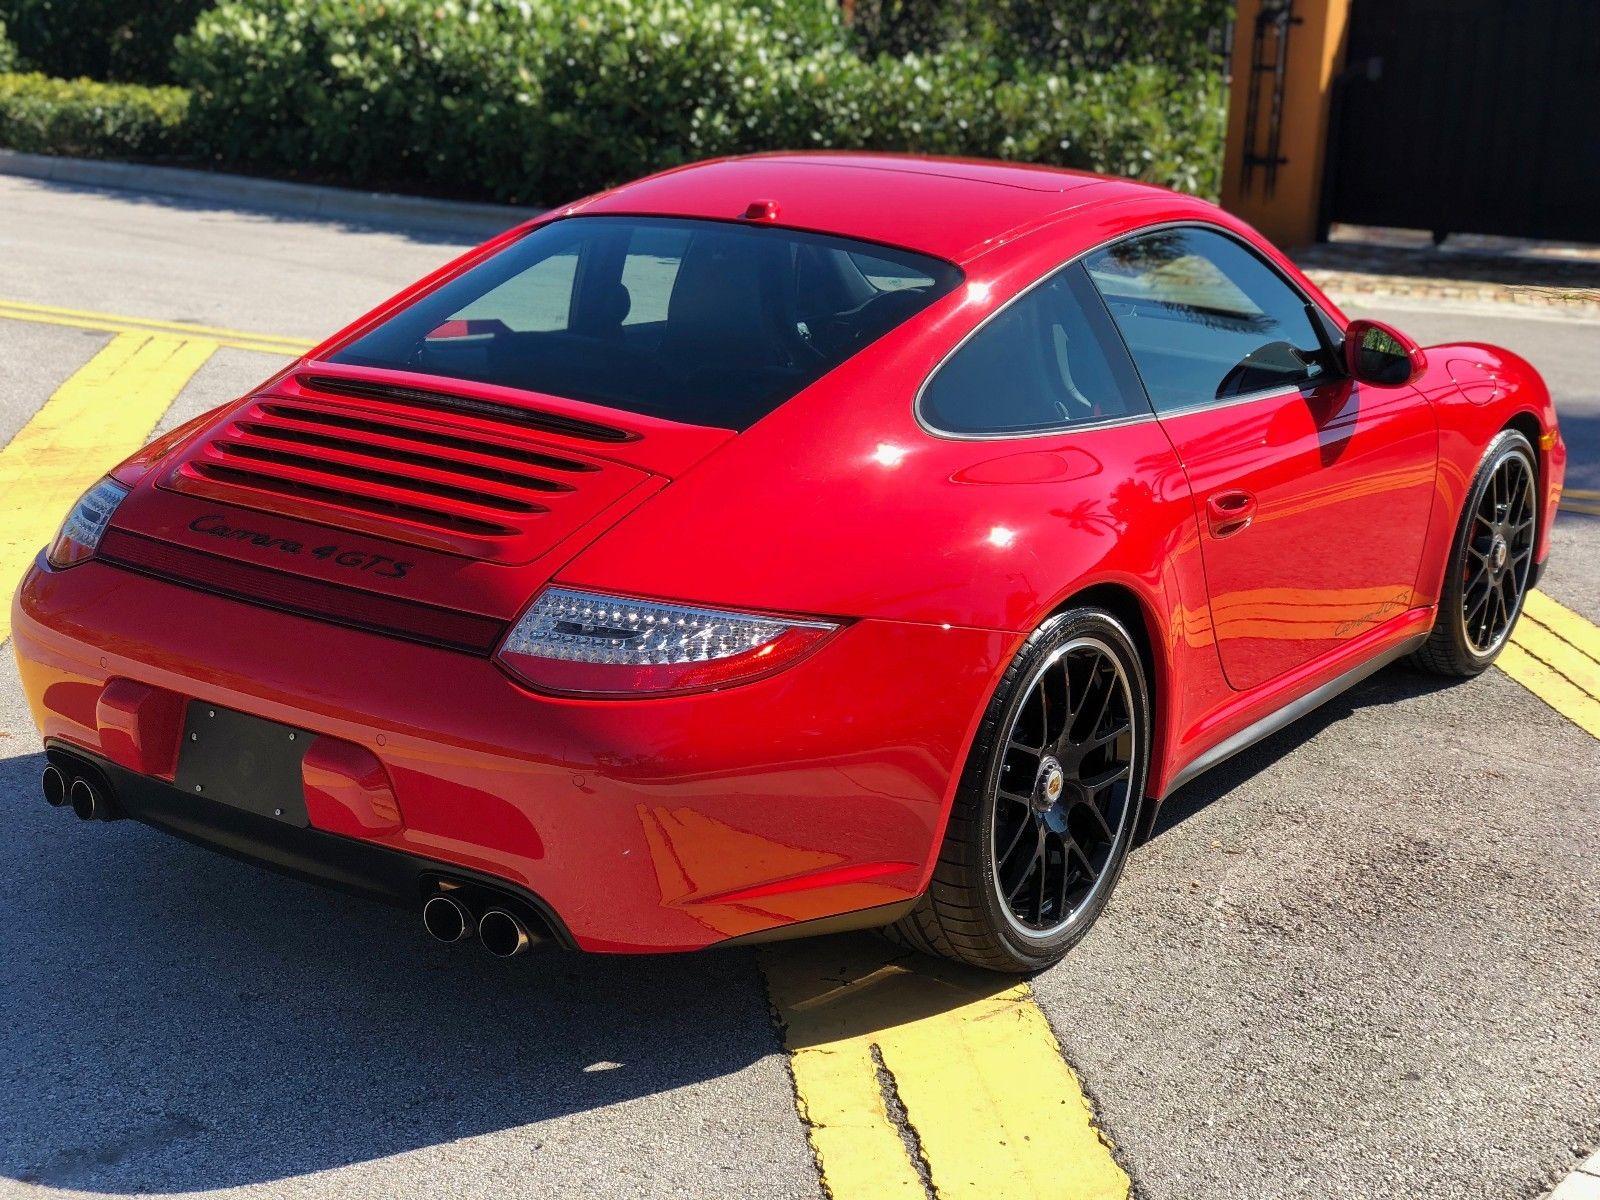 2016 Hyundai Elantra Value Edition >> 2012 Porsche 911 Carrera 4 GTS 2012 Porsche 911 Carrera 4 ...